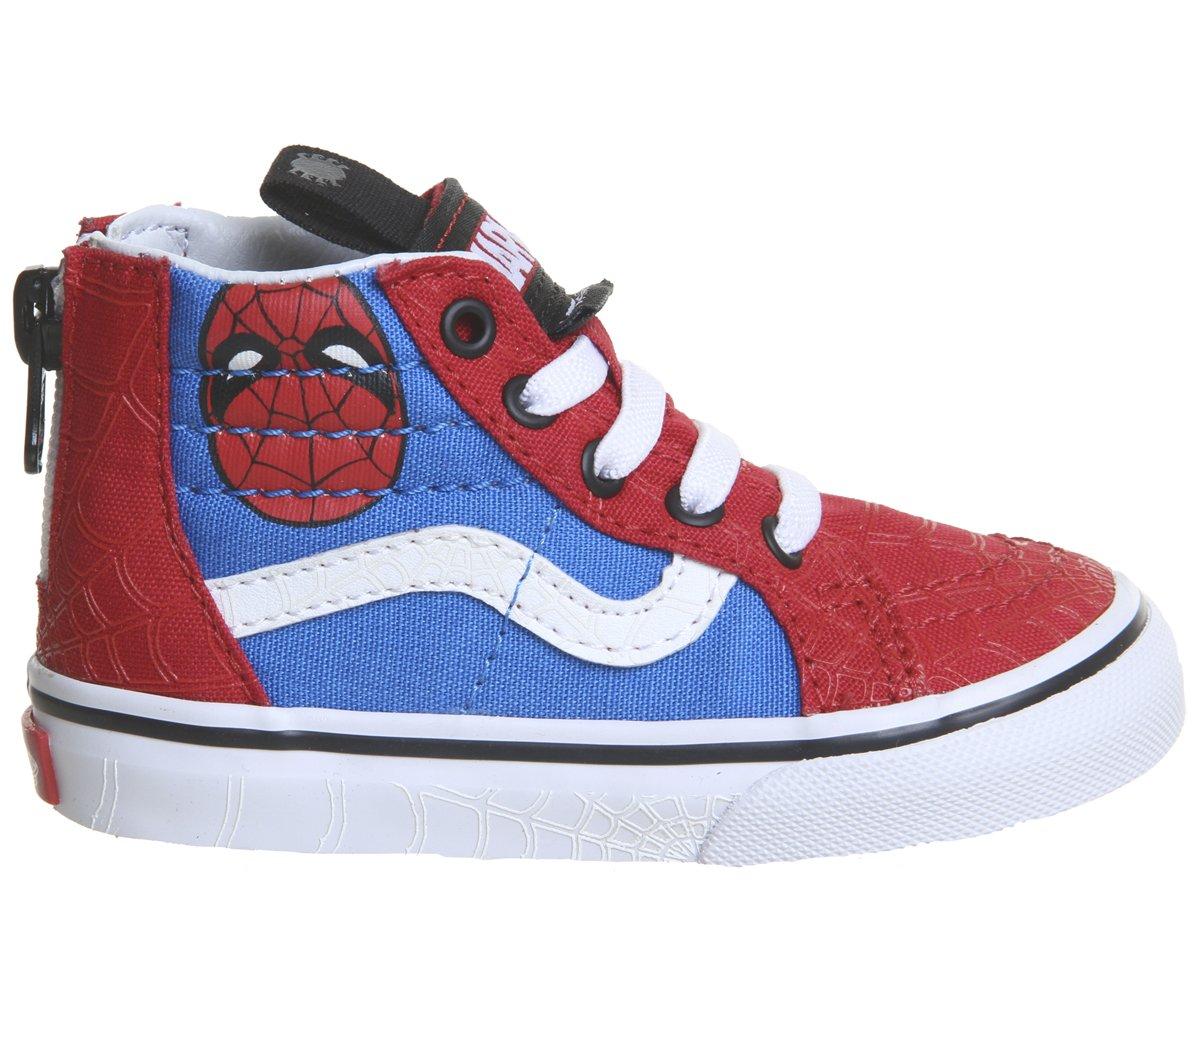 お気に入りの 【VANS】バンズ US 2018春夏 KID'S SK8-HI ZIP Spiderman キッズ ジュニア B0782279NR 子供用 シューズ 靴 スニーカー B0782279NR 13.5 M US Little Kid|Spiderman True White Spiderman True White 13.5 M US Little Kid, いいものいっぱい家具屋姫:cc999183 --- a0267596.xsph.ru